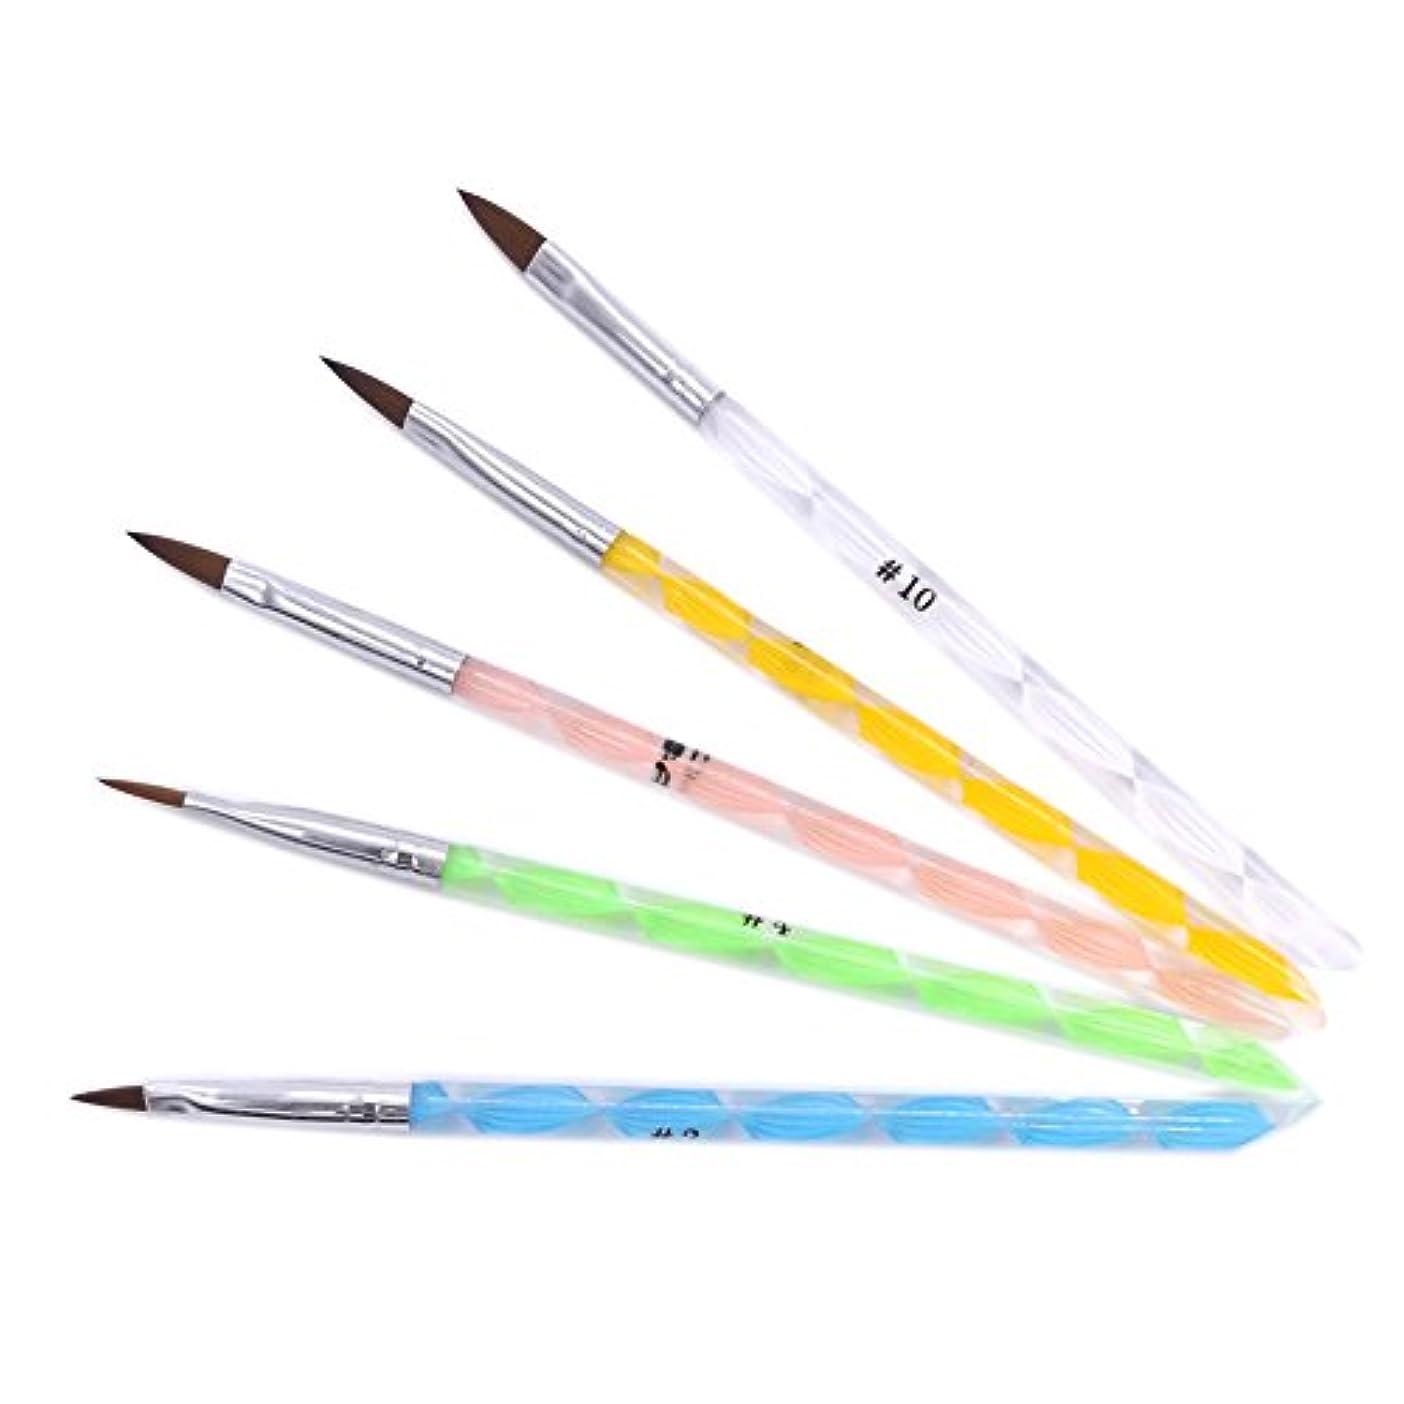 歌炎上制限(ウォームガール)Warm Girl ネイルアート アクリル用ブラシ ドットペン 5本セット ネイルデザイン 人気なセット